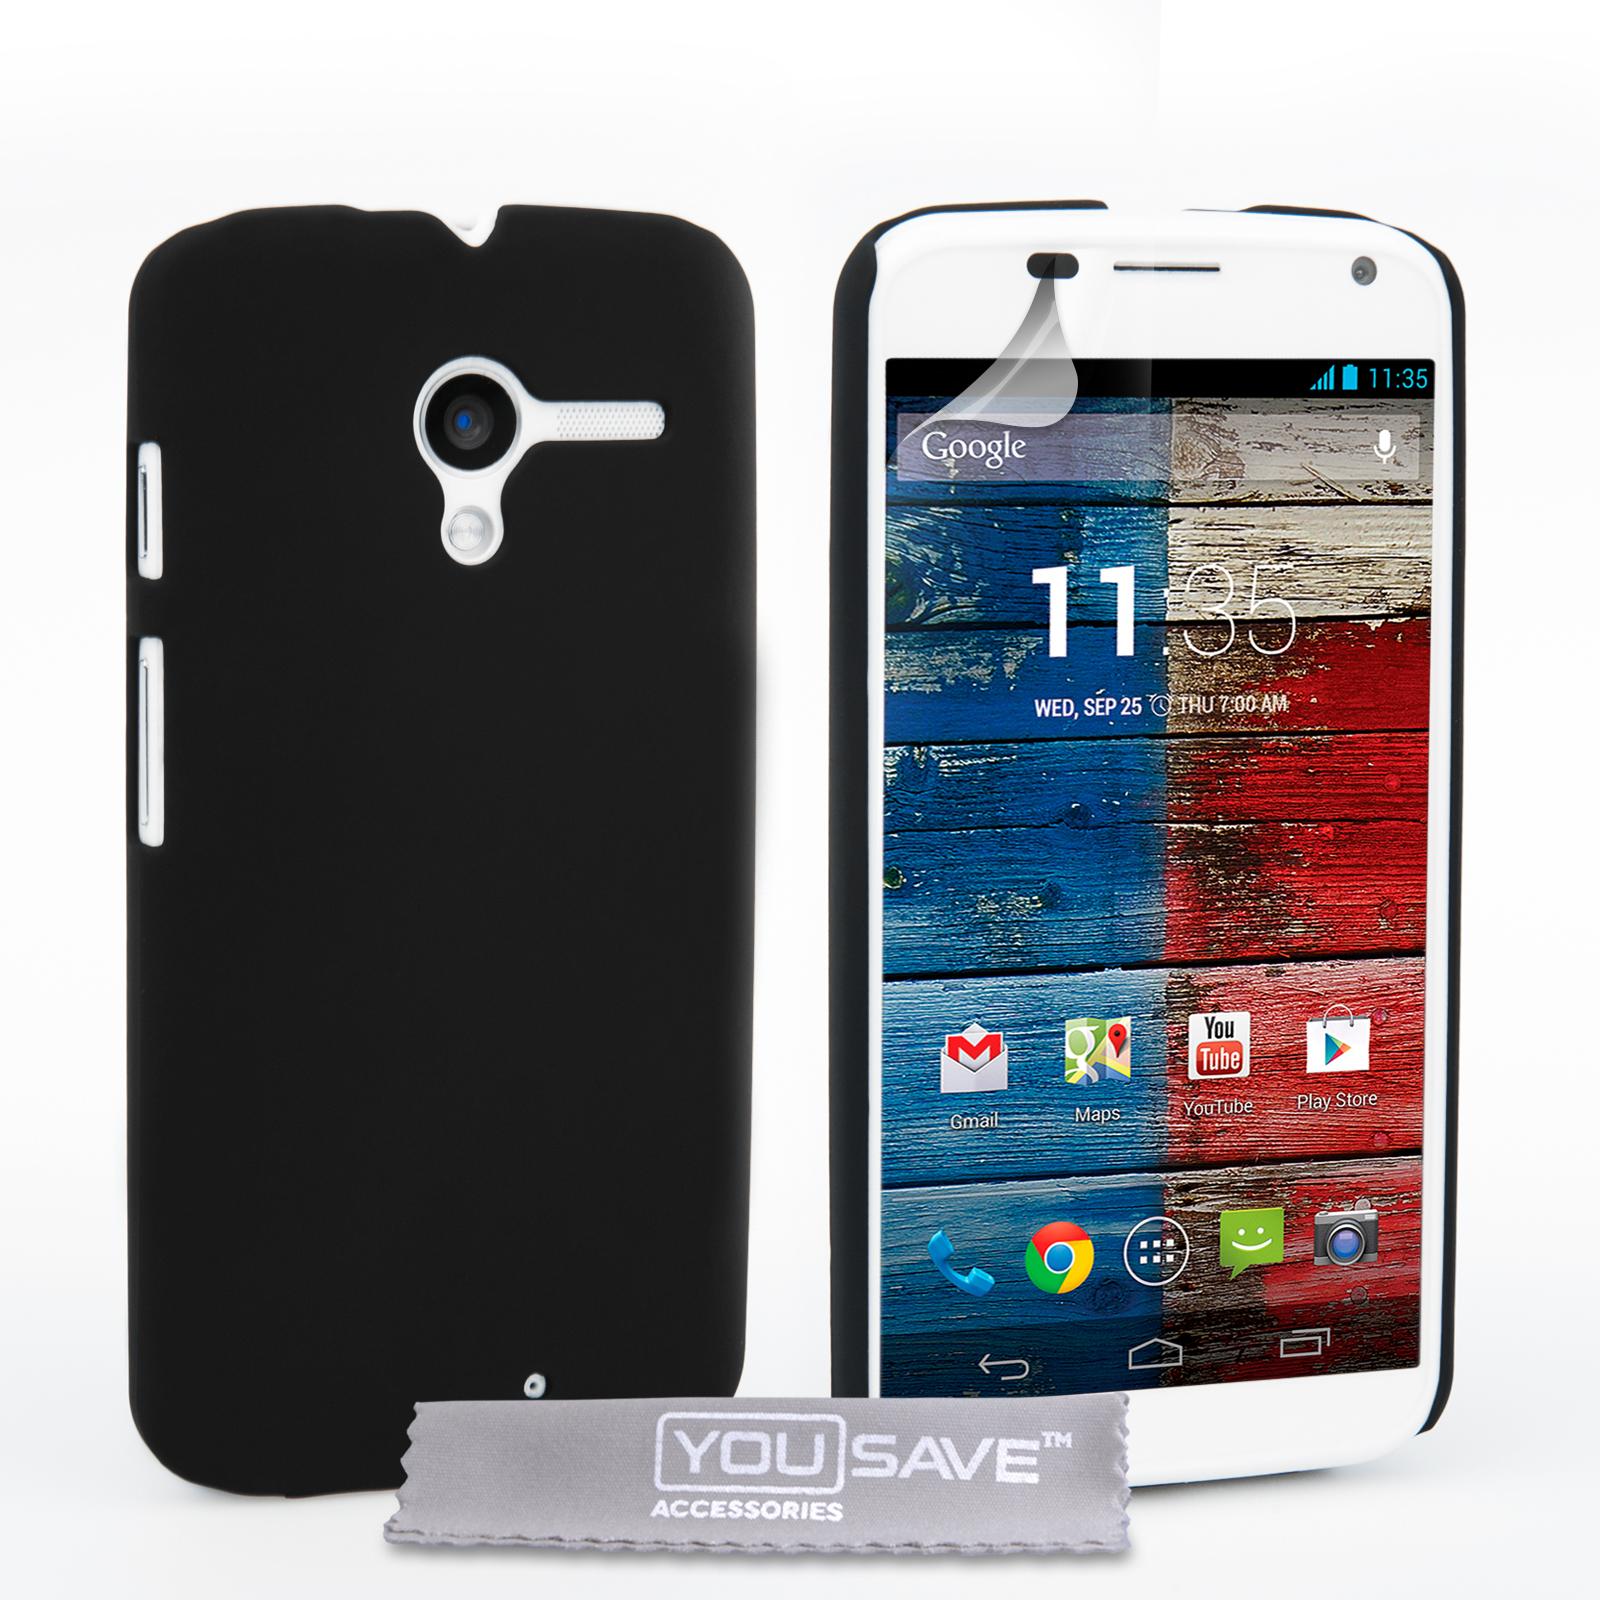 Θήκη Motorola Moto X by YouSave (Z167)